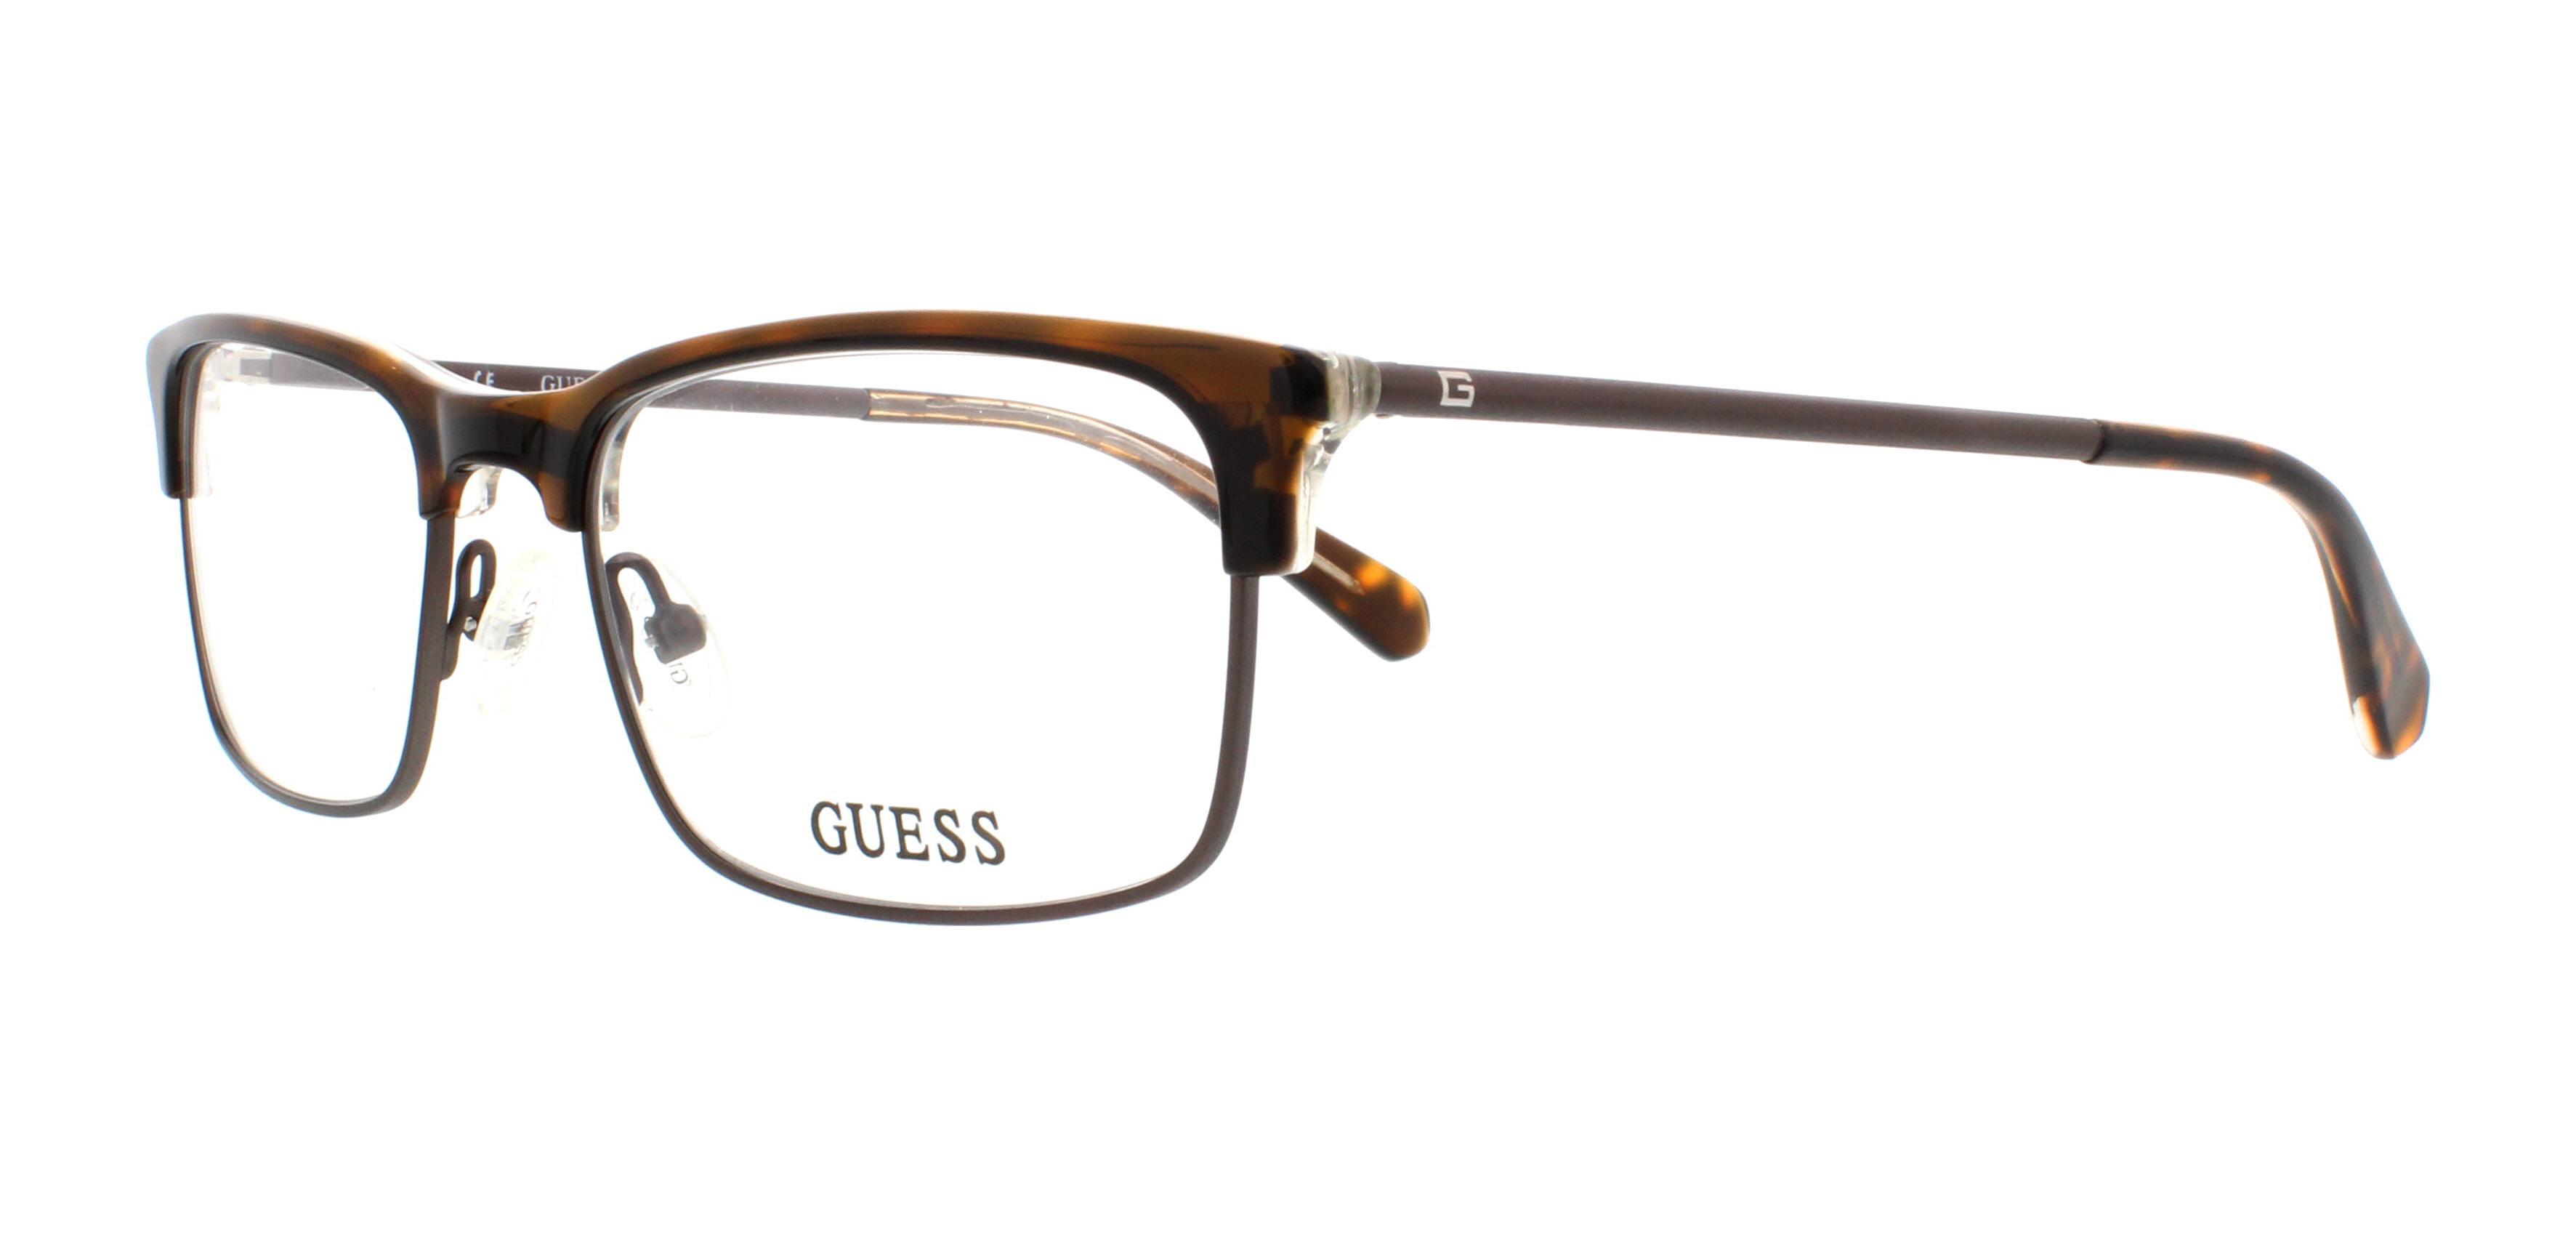 Designer Frames Outlet. Guess GU1886